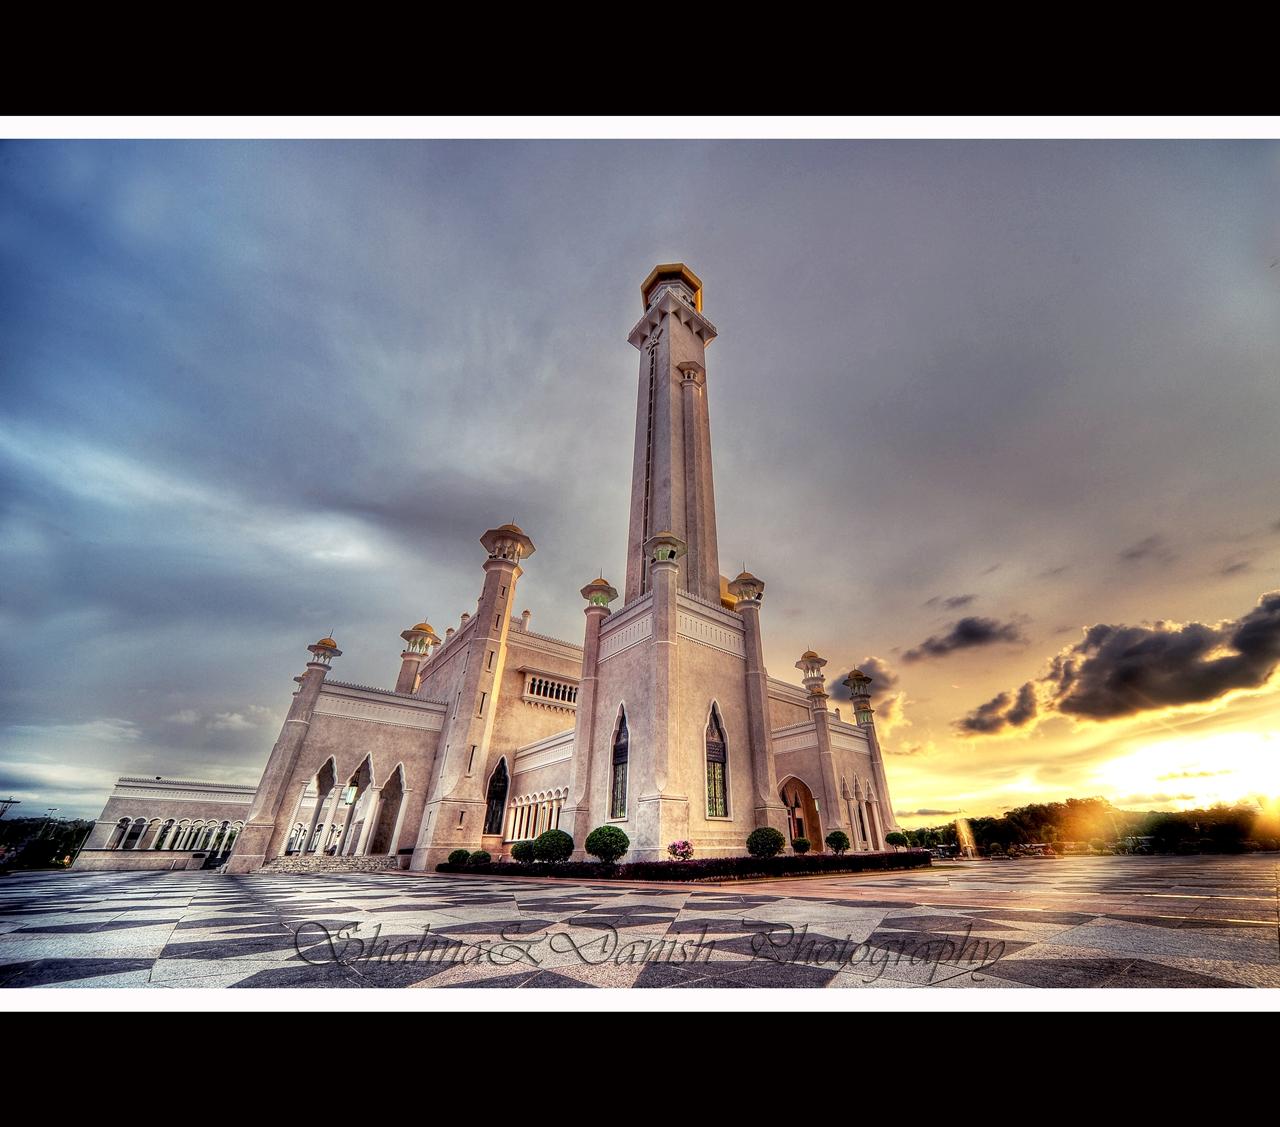 Masjid Omar Ali Saifuddien